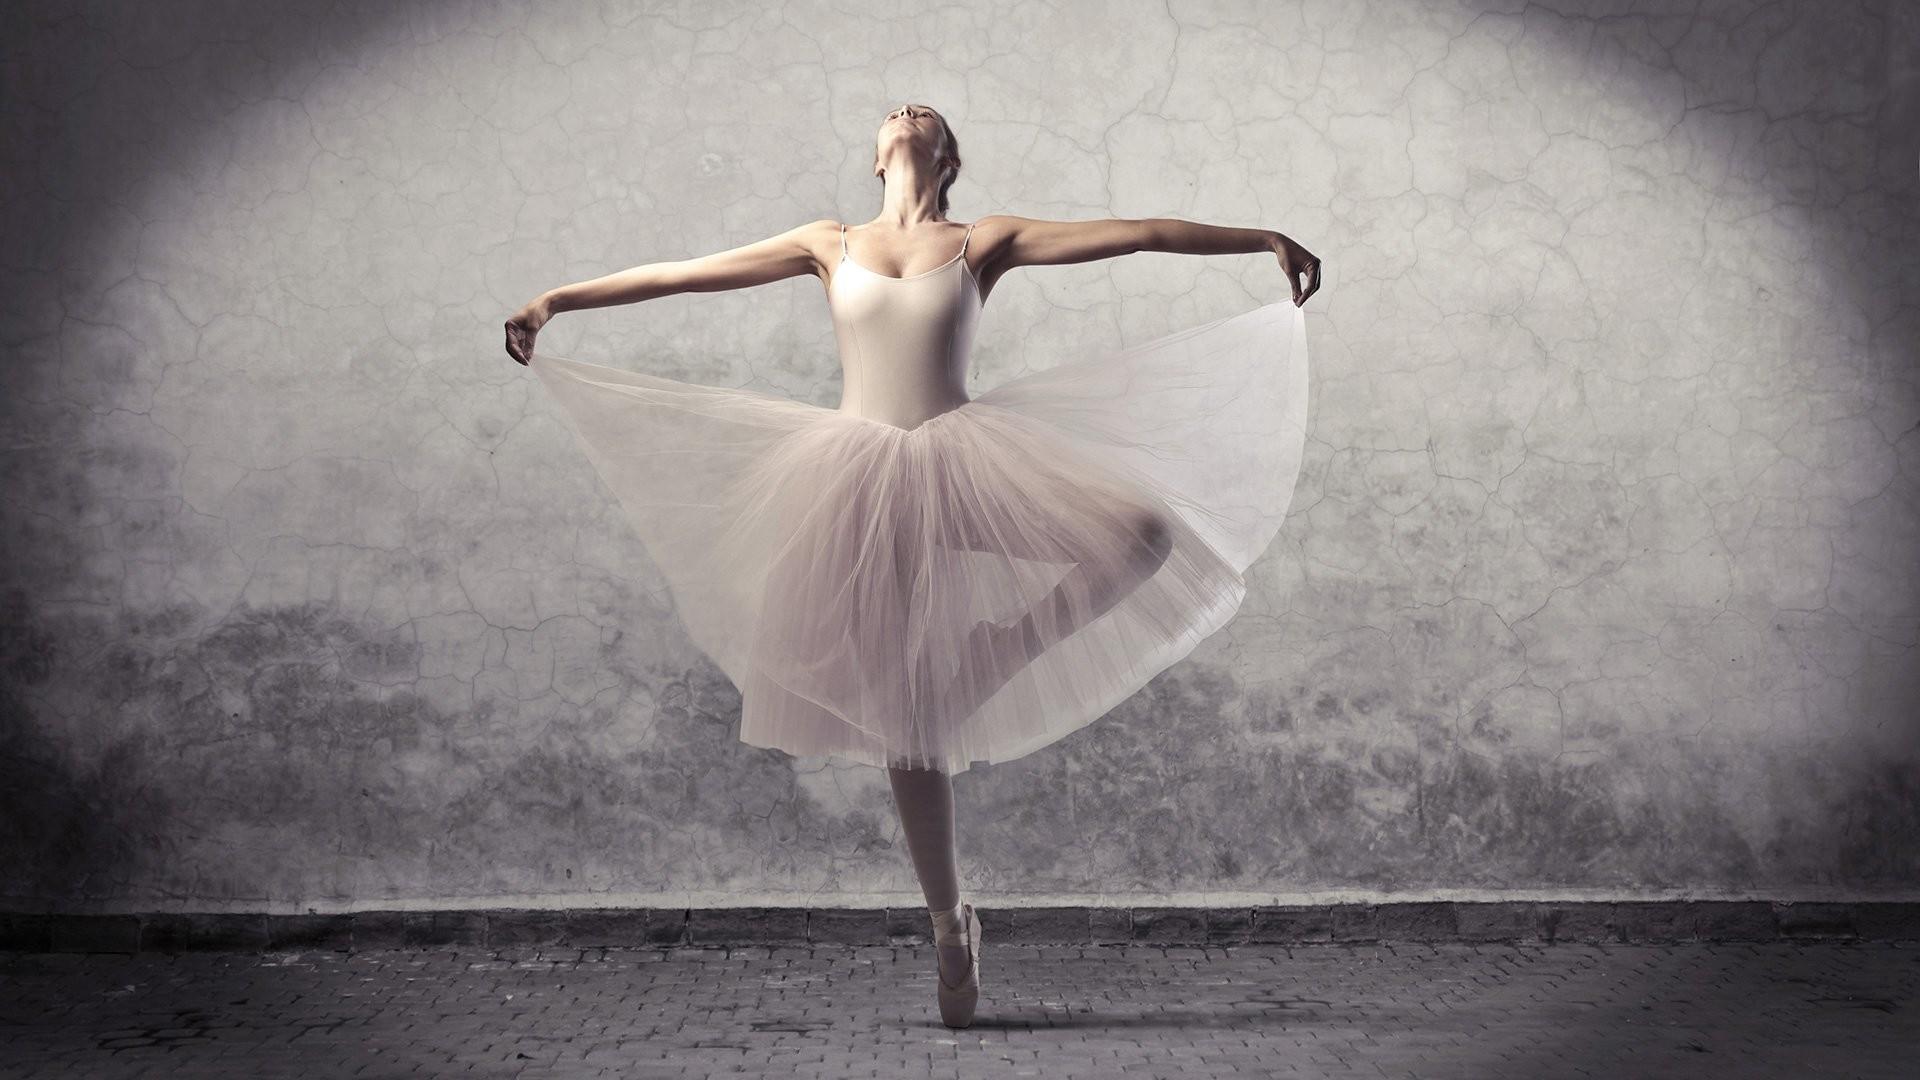 Ballet Ballerina Girl Woman Wallpaper Data Src Vertical Ballet Background Hd 1920x1080 Wallpaper Teahub Io